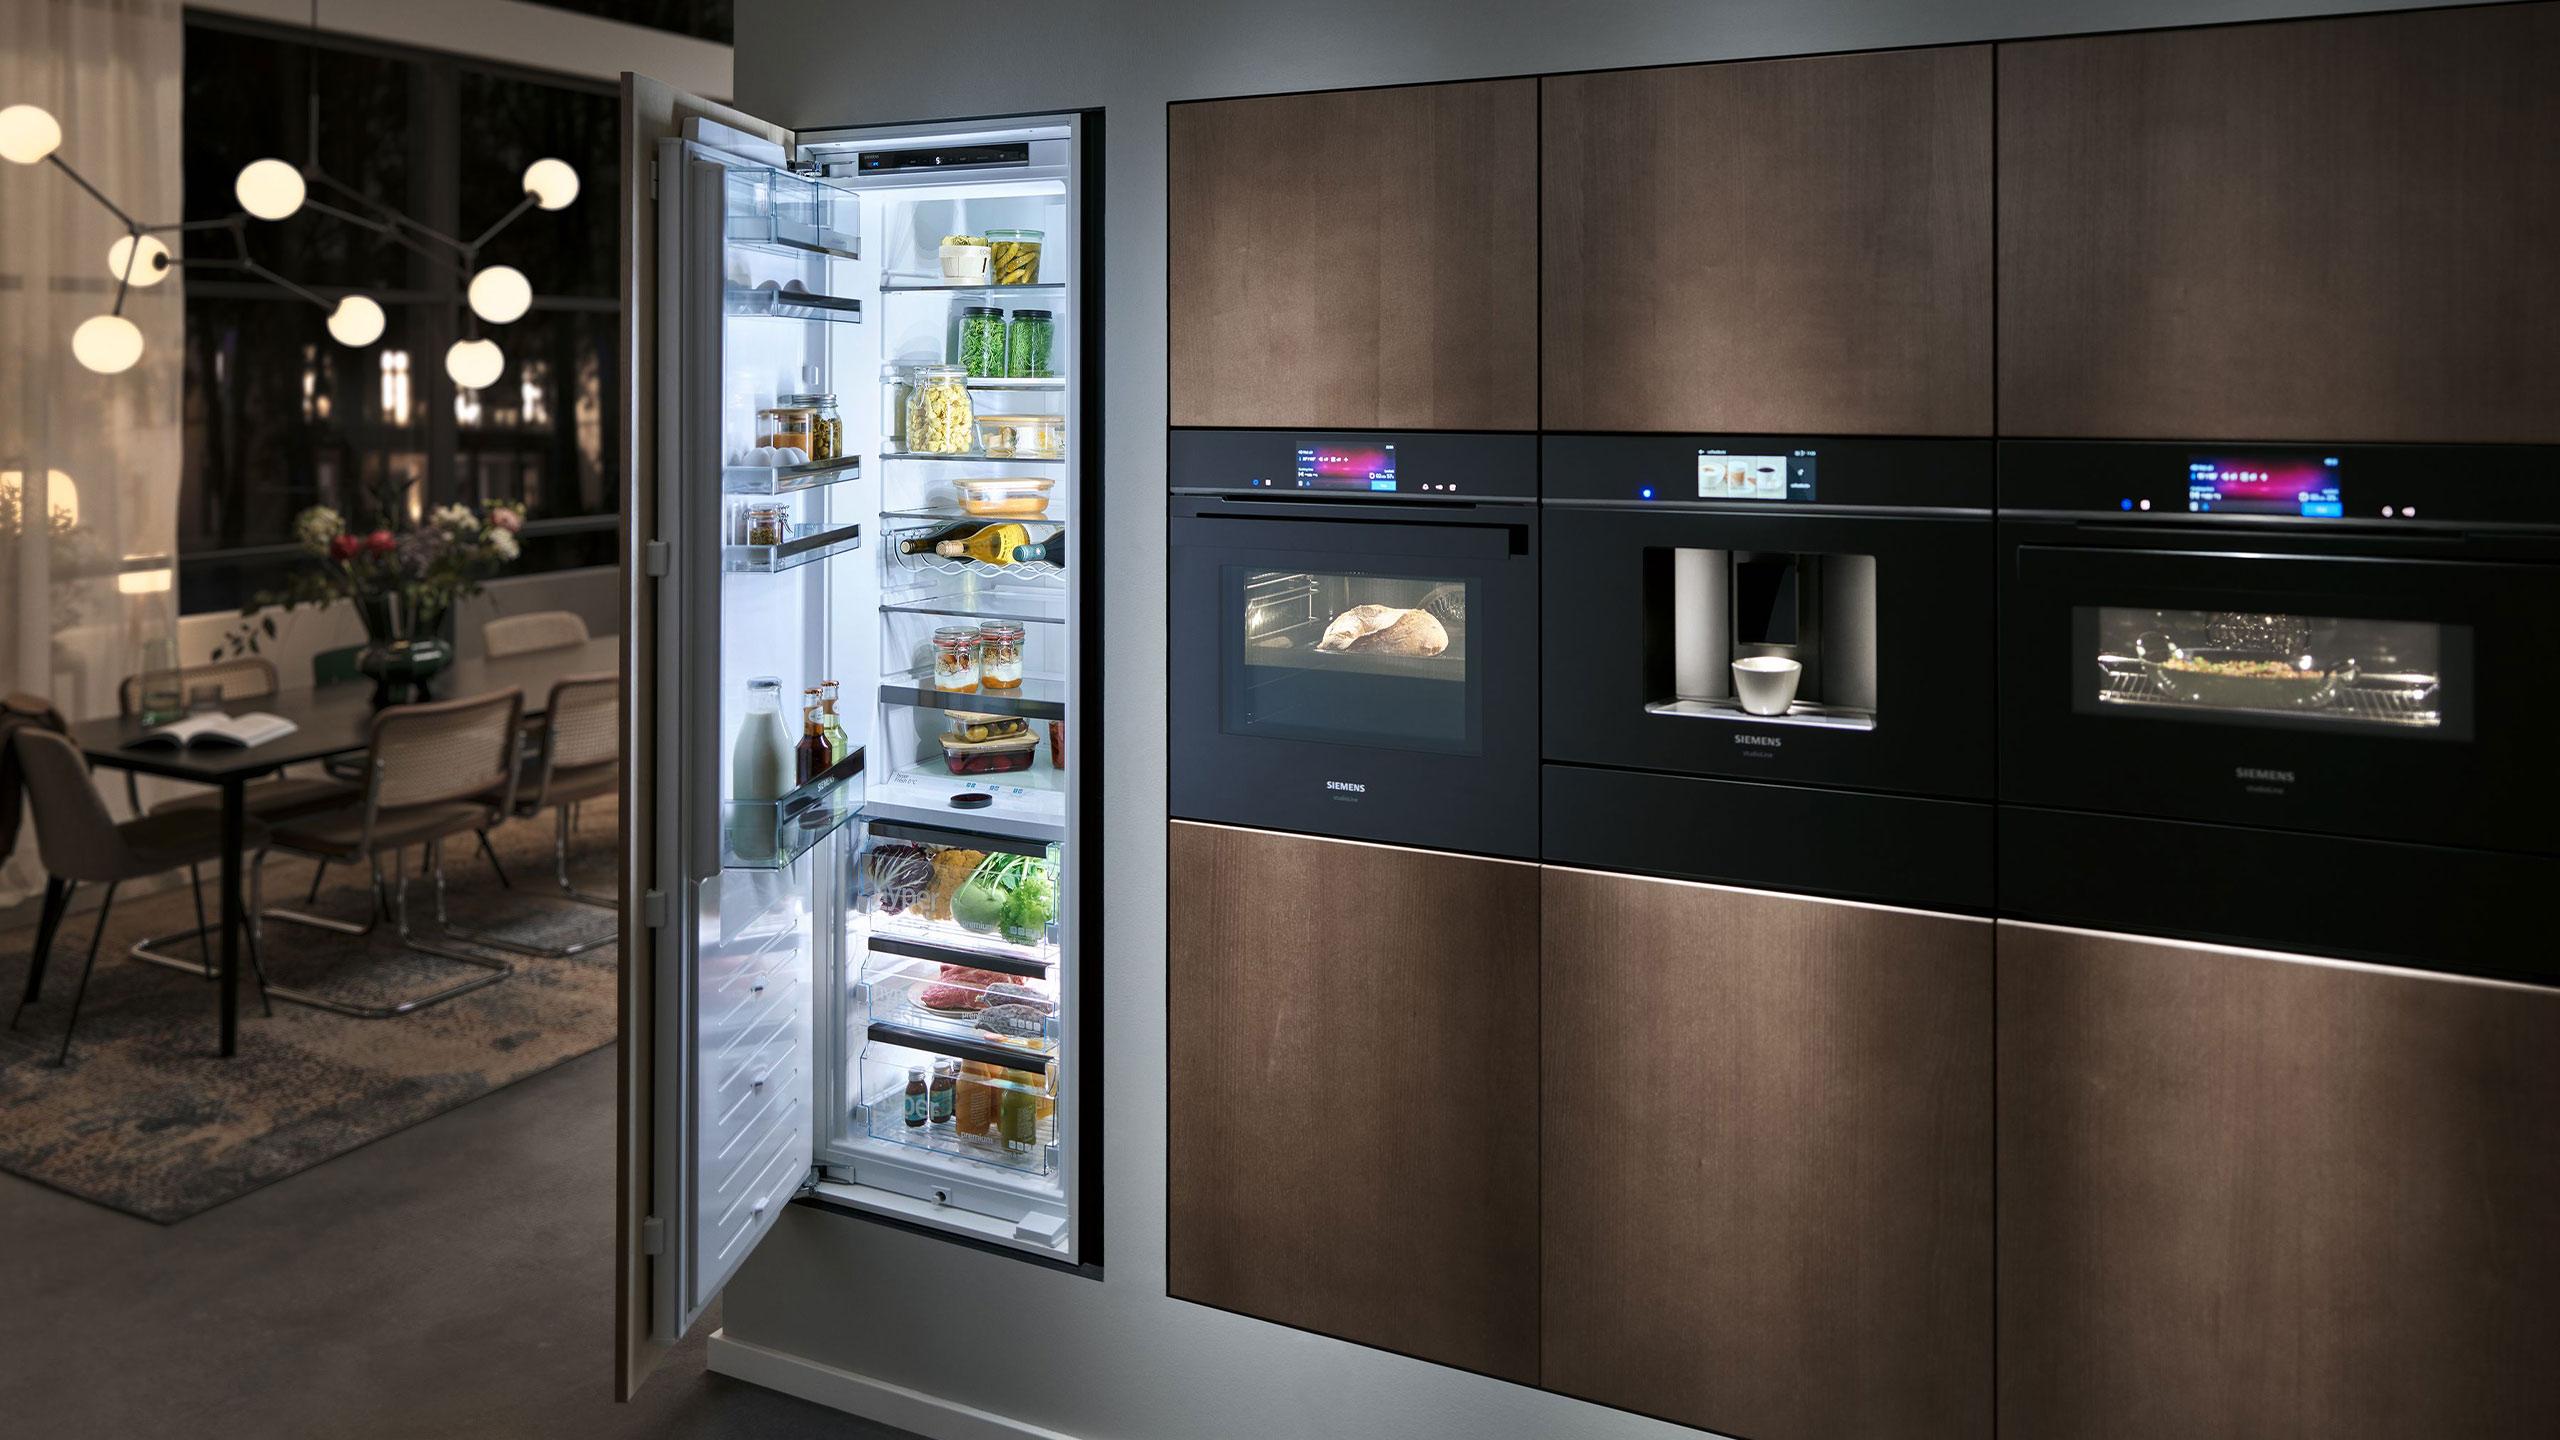 siemens studioline einbaugeräte in moderner schwarzer küche